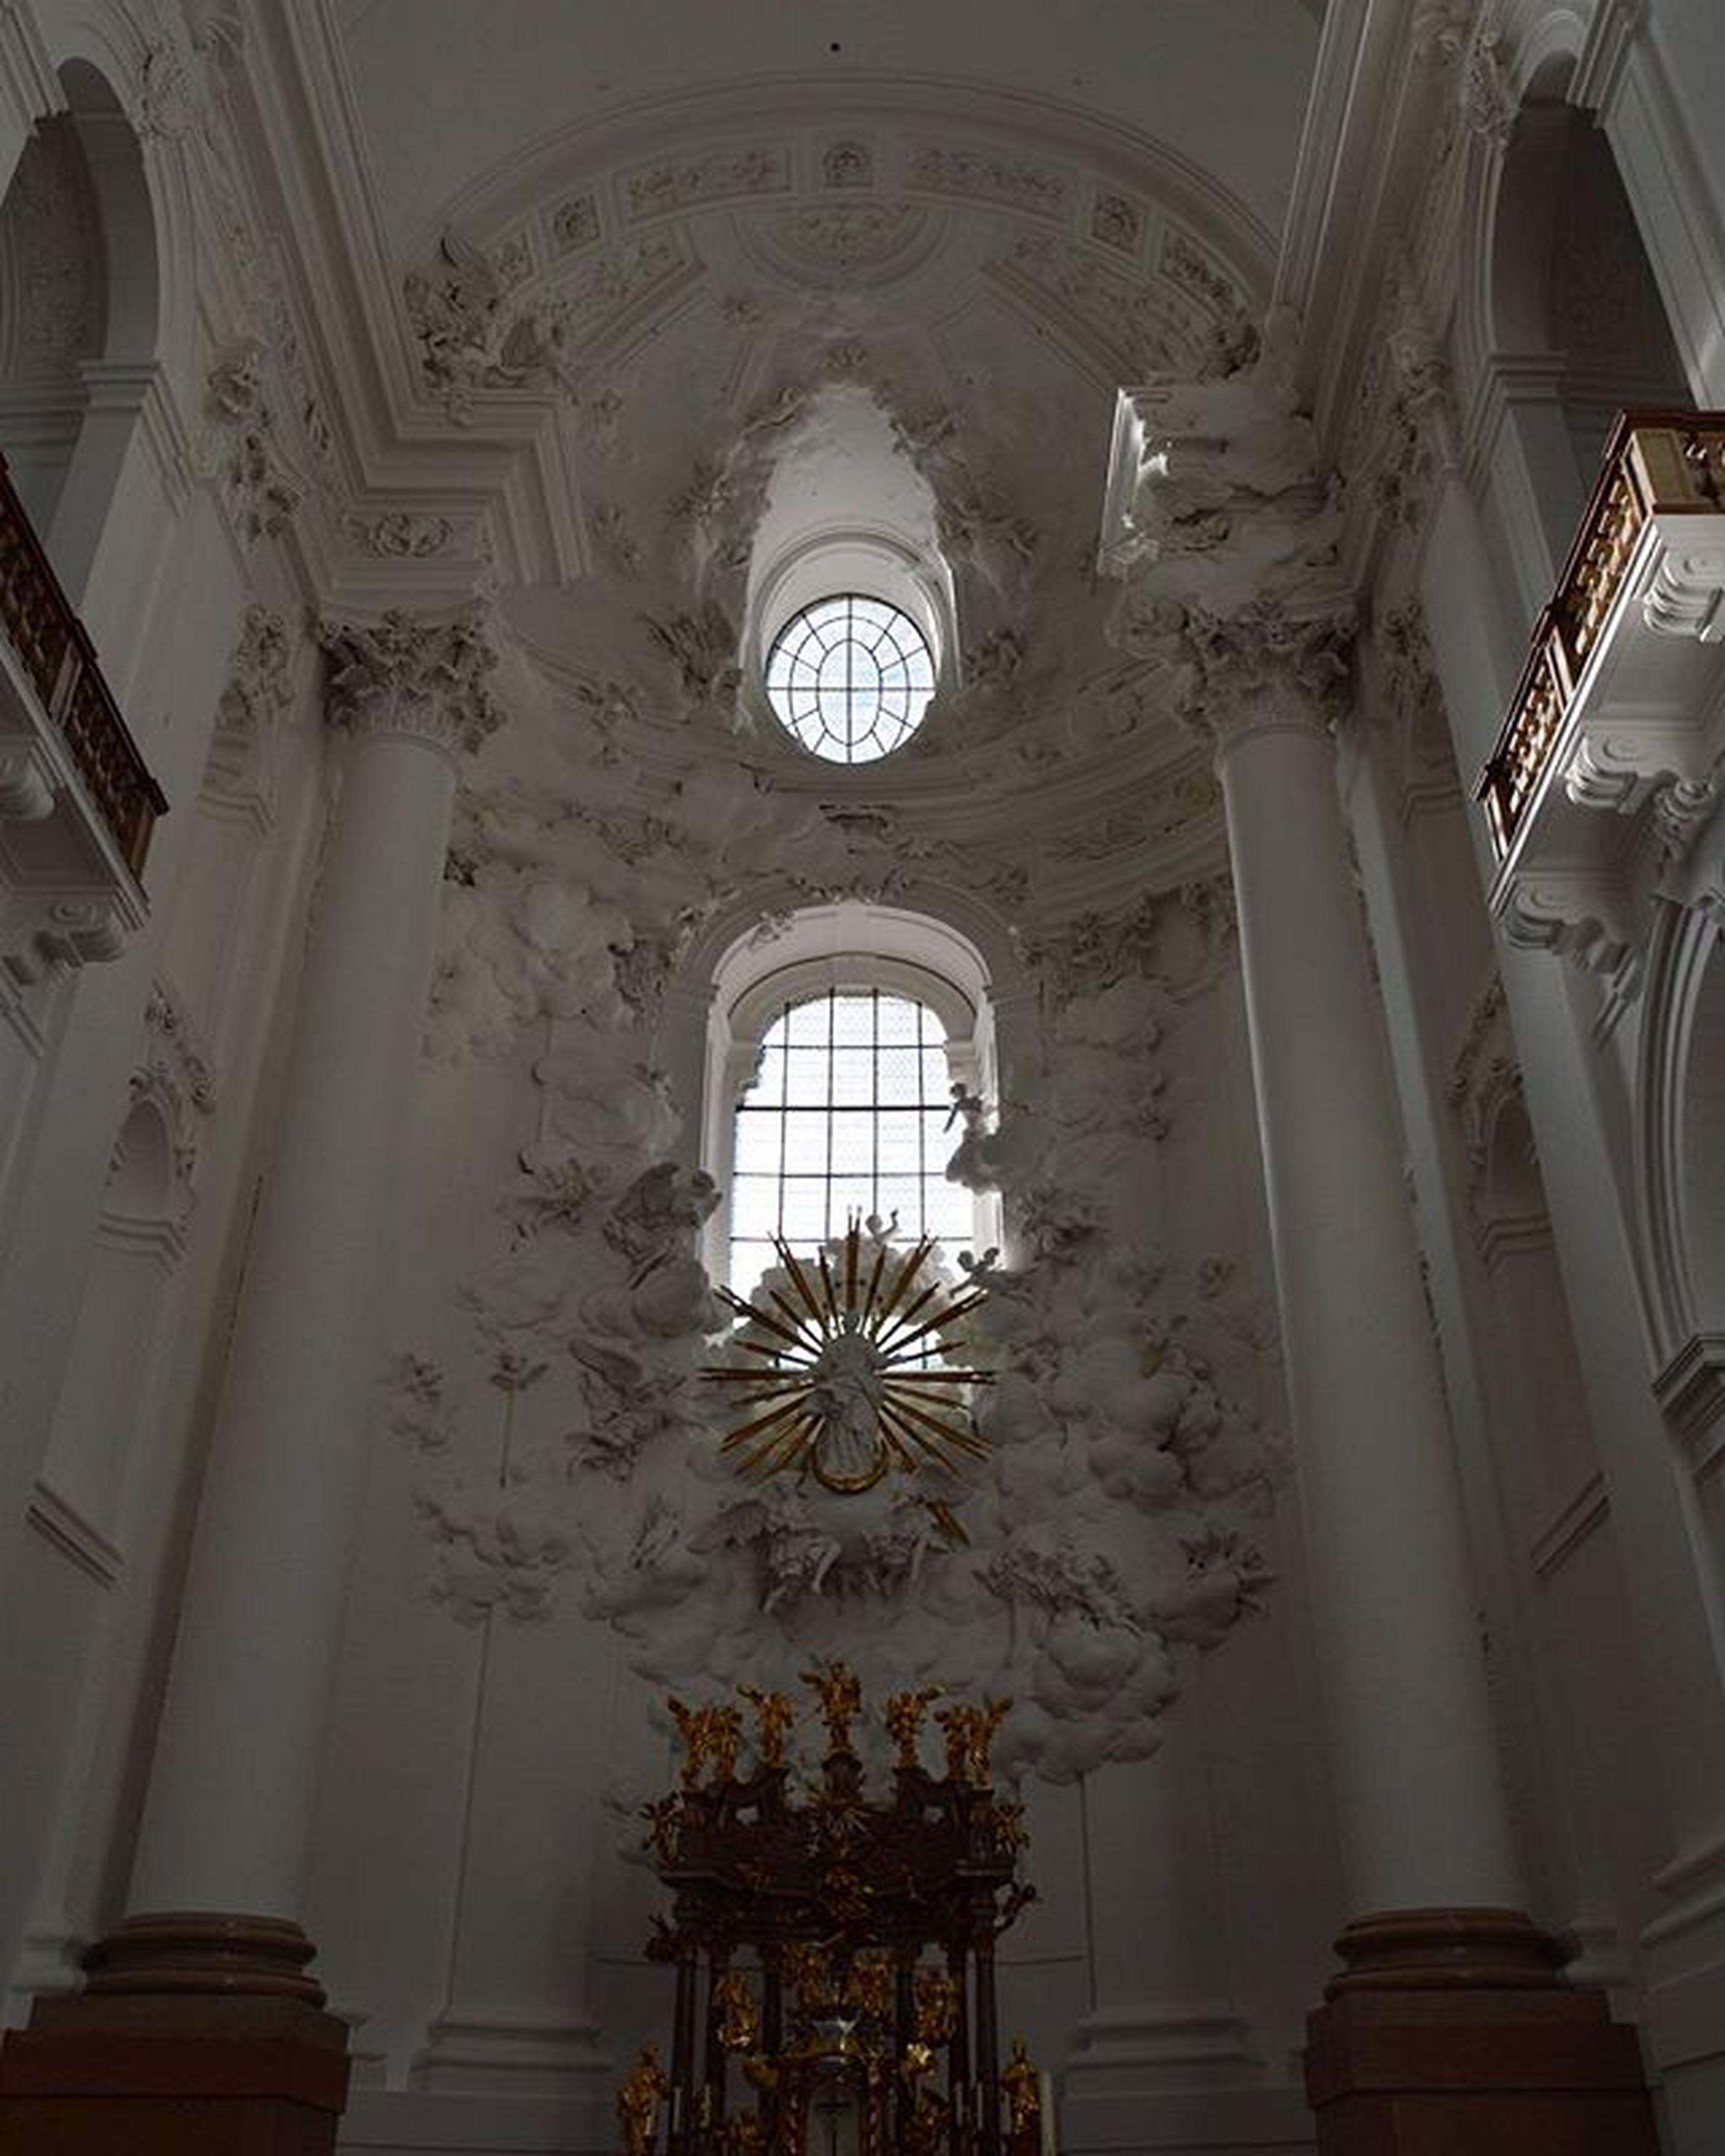 Kollegienkirche. У меня был восторг от увиденного! Salzburg Kirche Church Kollegienkirche Kollegienkirchesalzburg Altstadt Austria Österreich Ferien Holidays Travel2austria Travel Latergram Europe